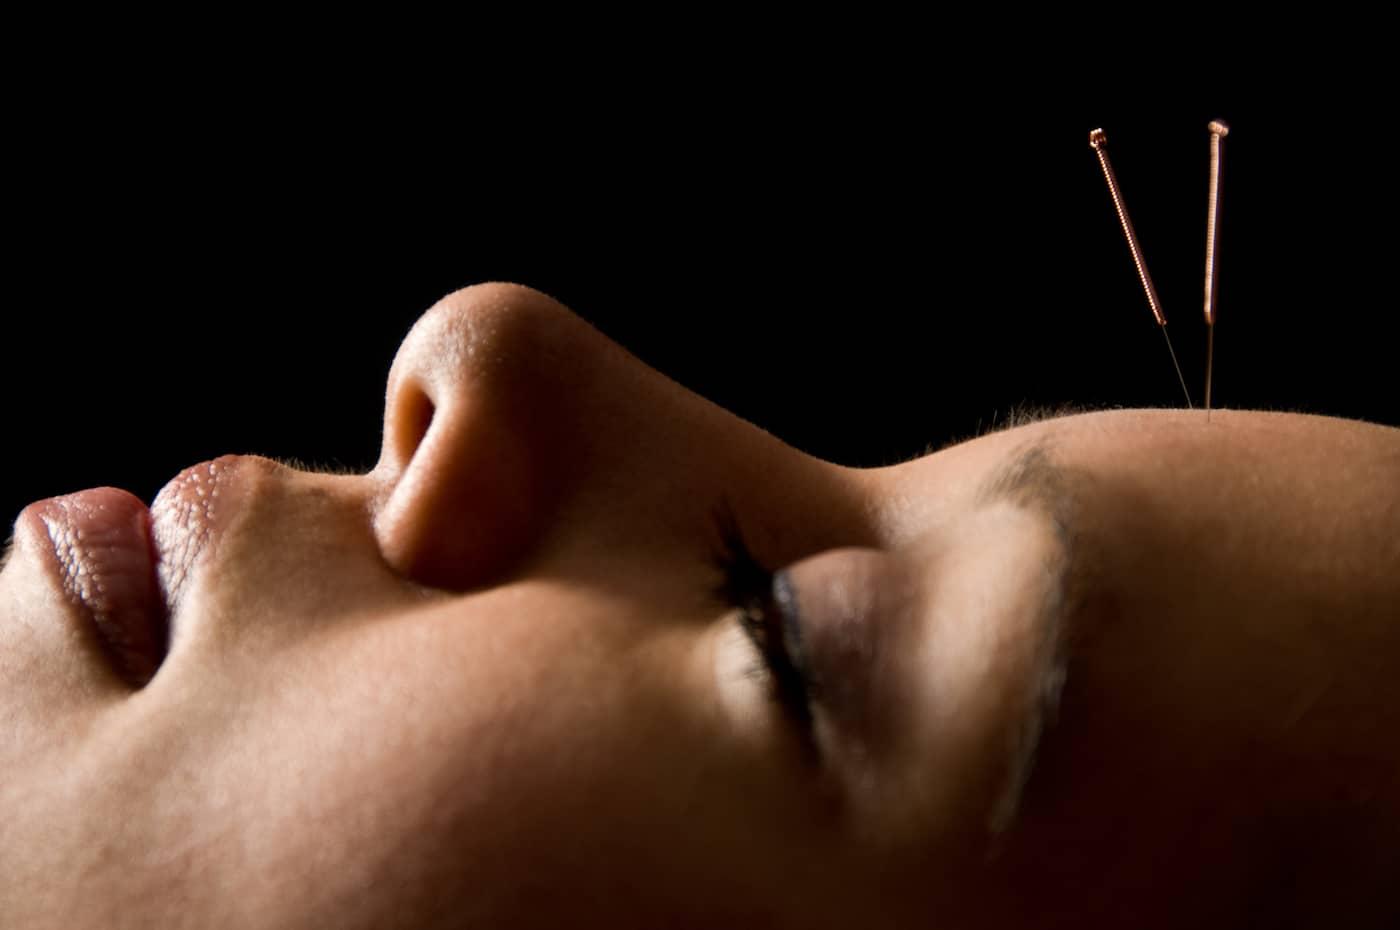 acupuntura medicina chinesa ceimec